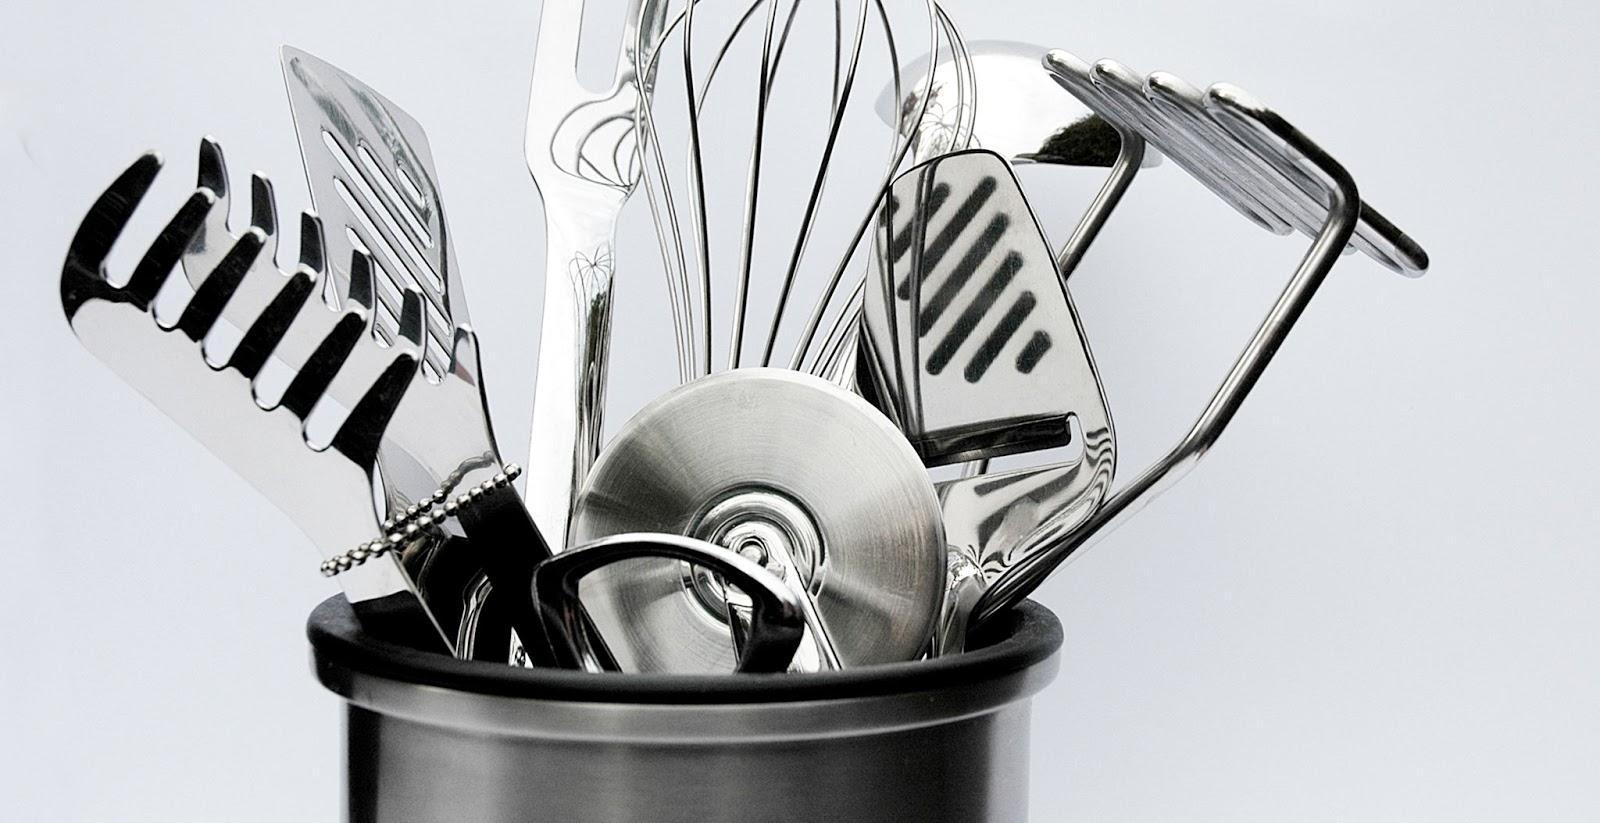 כלי מטבח כמטפורה לעיצוב פשוט ויעיל